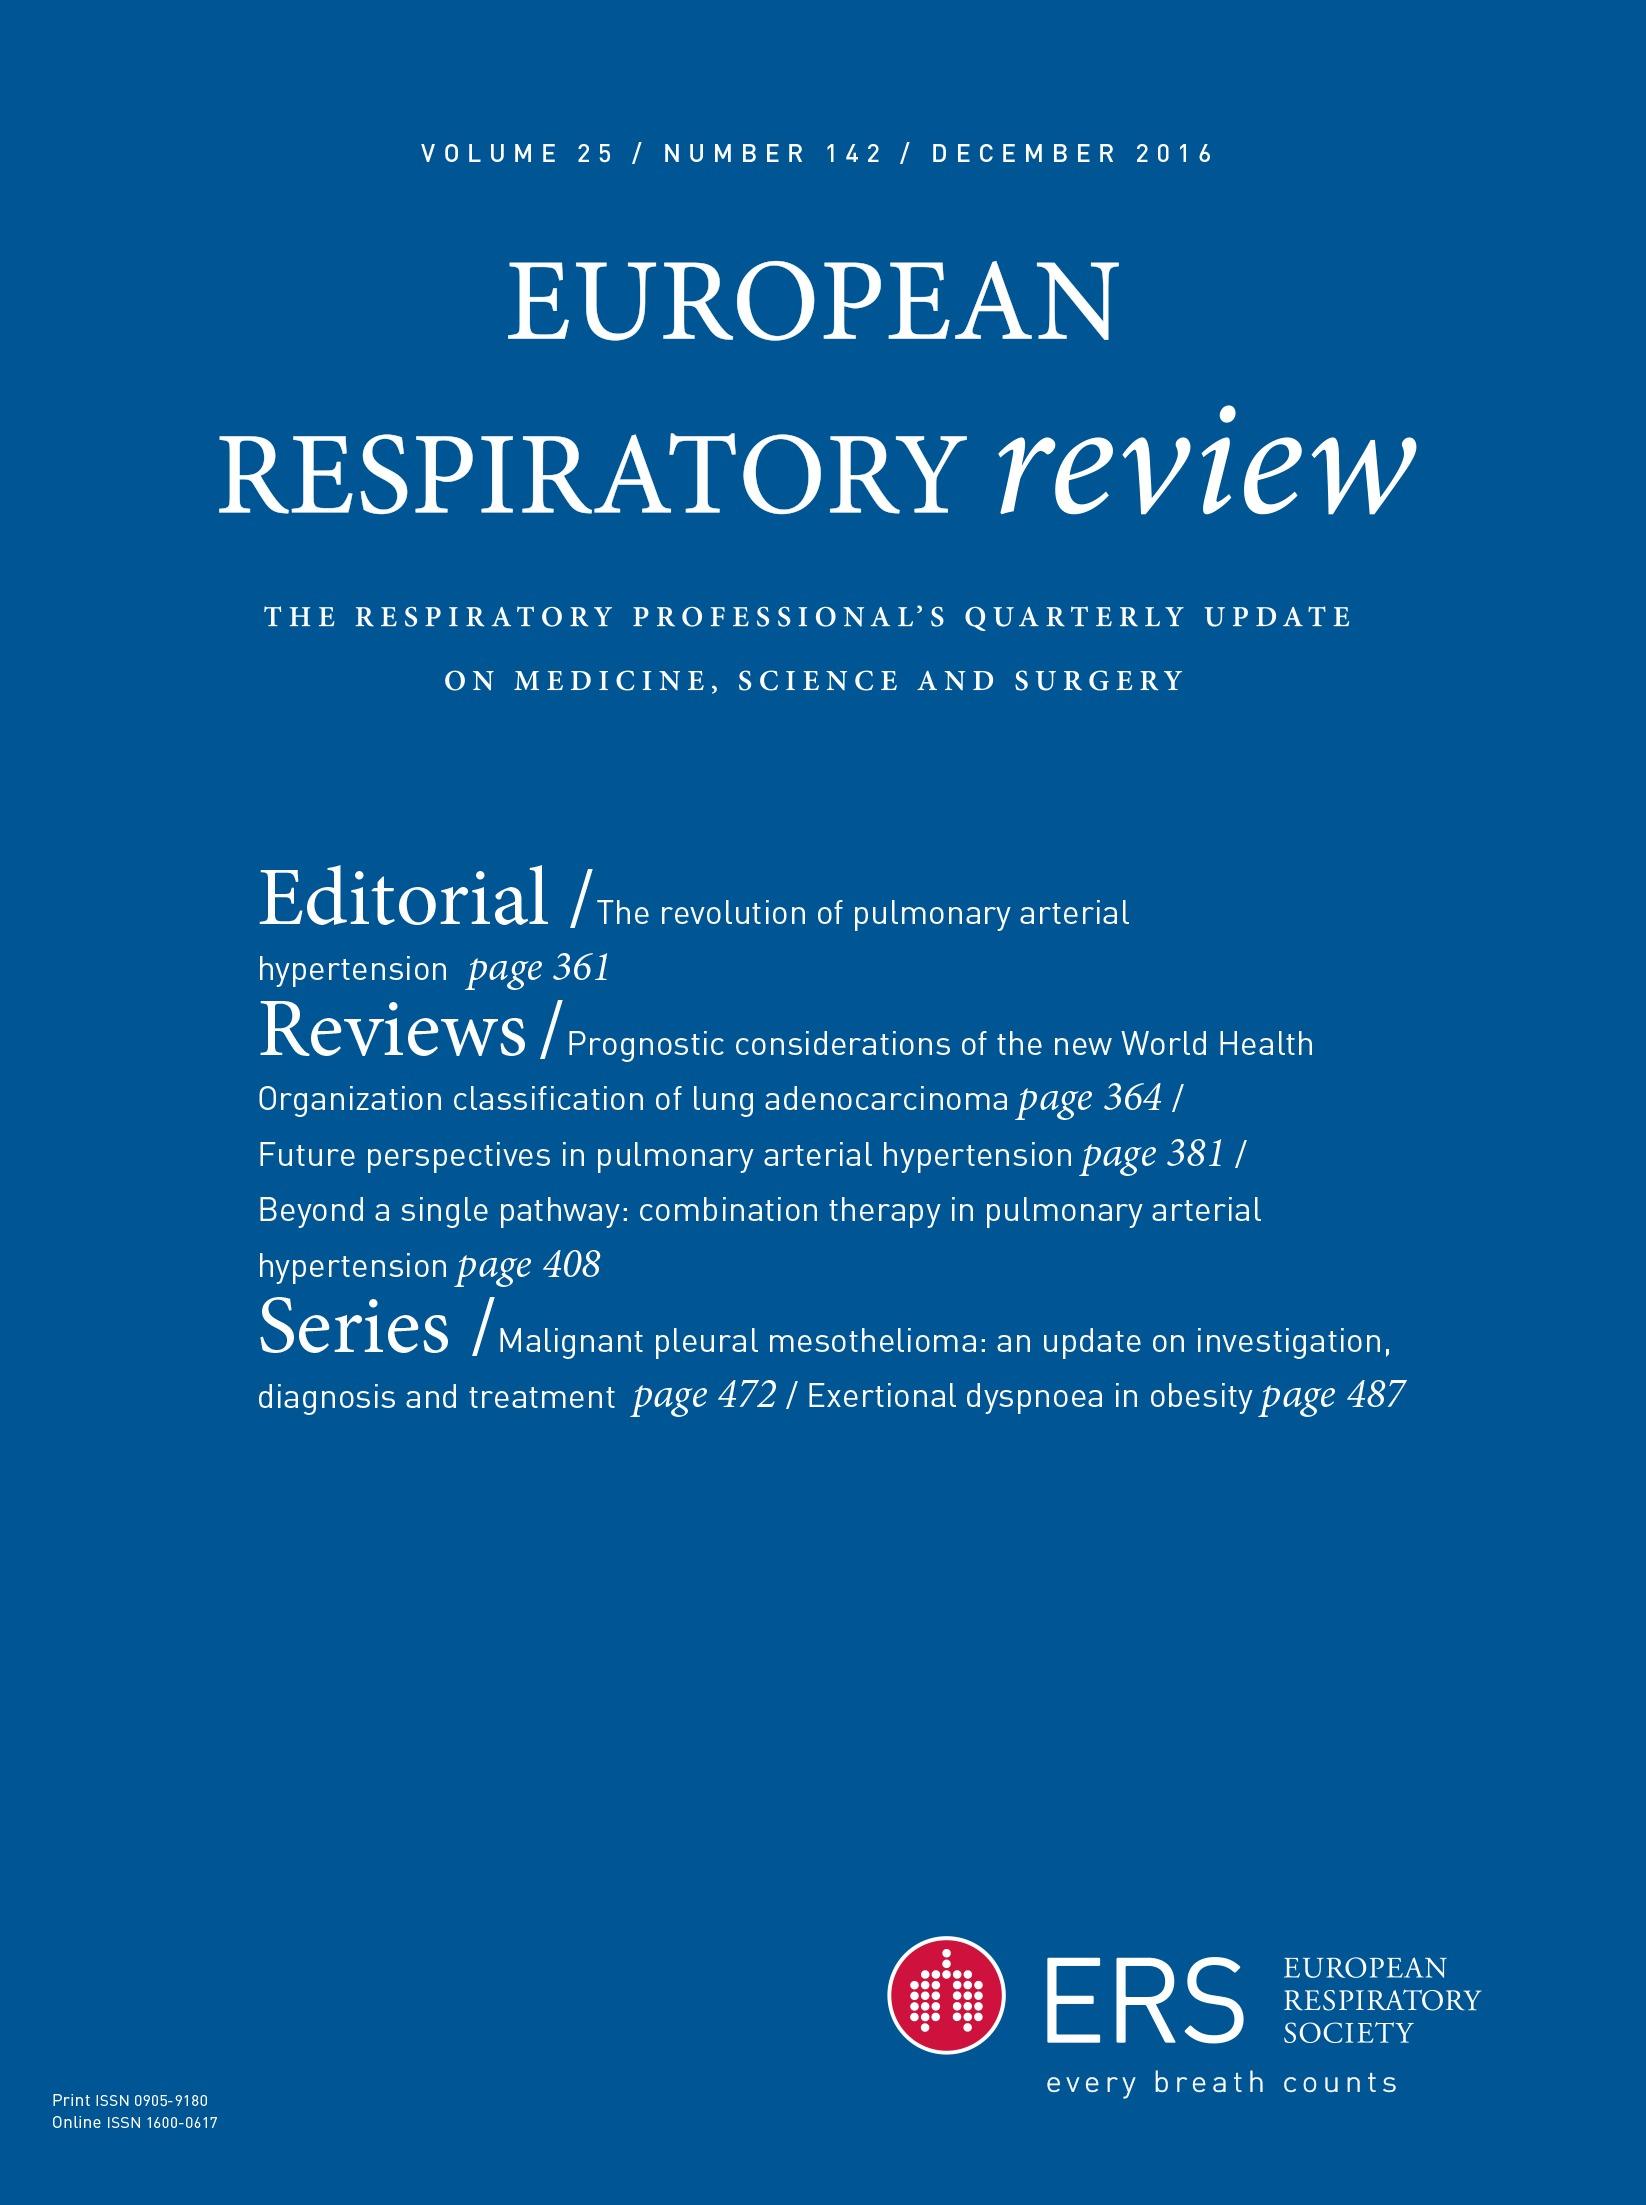 Flattening, treatment and diagnostics